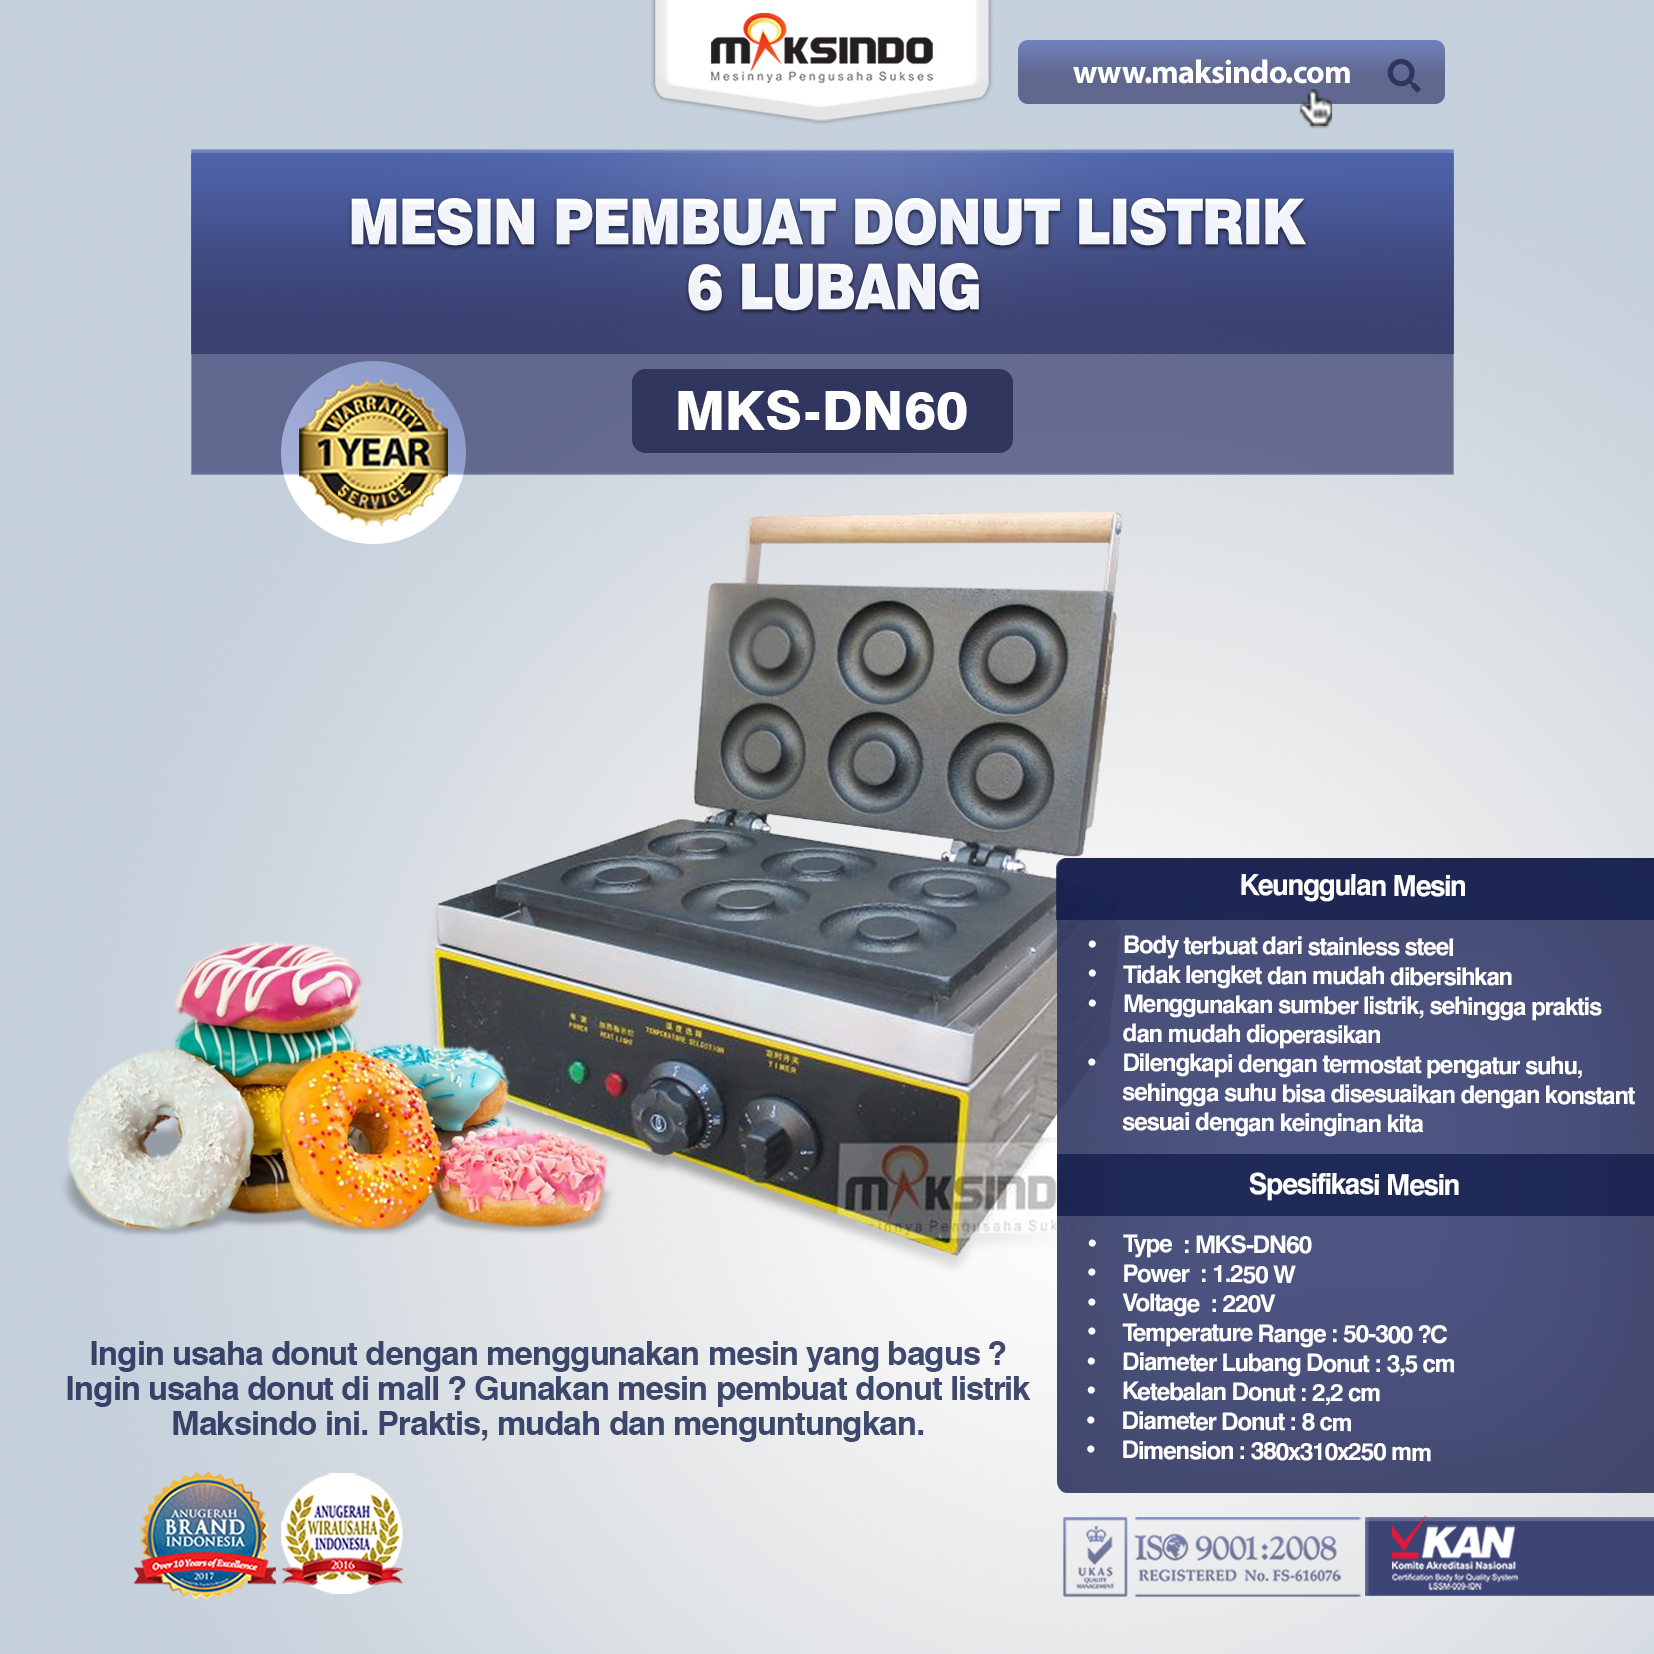 Jual Mesin Pembuat Donut Listrik 6 Lubang di Pekanbaru